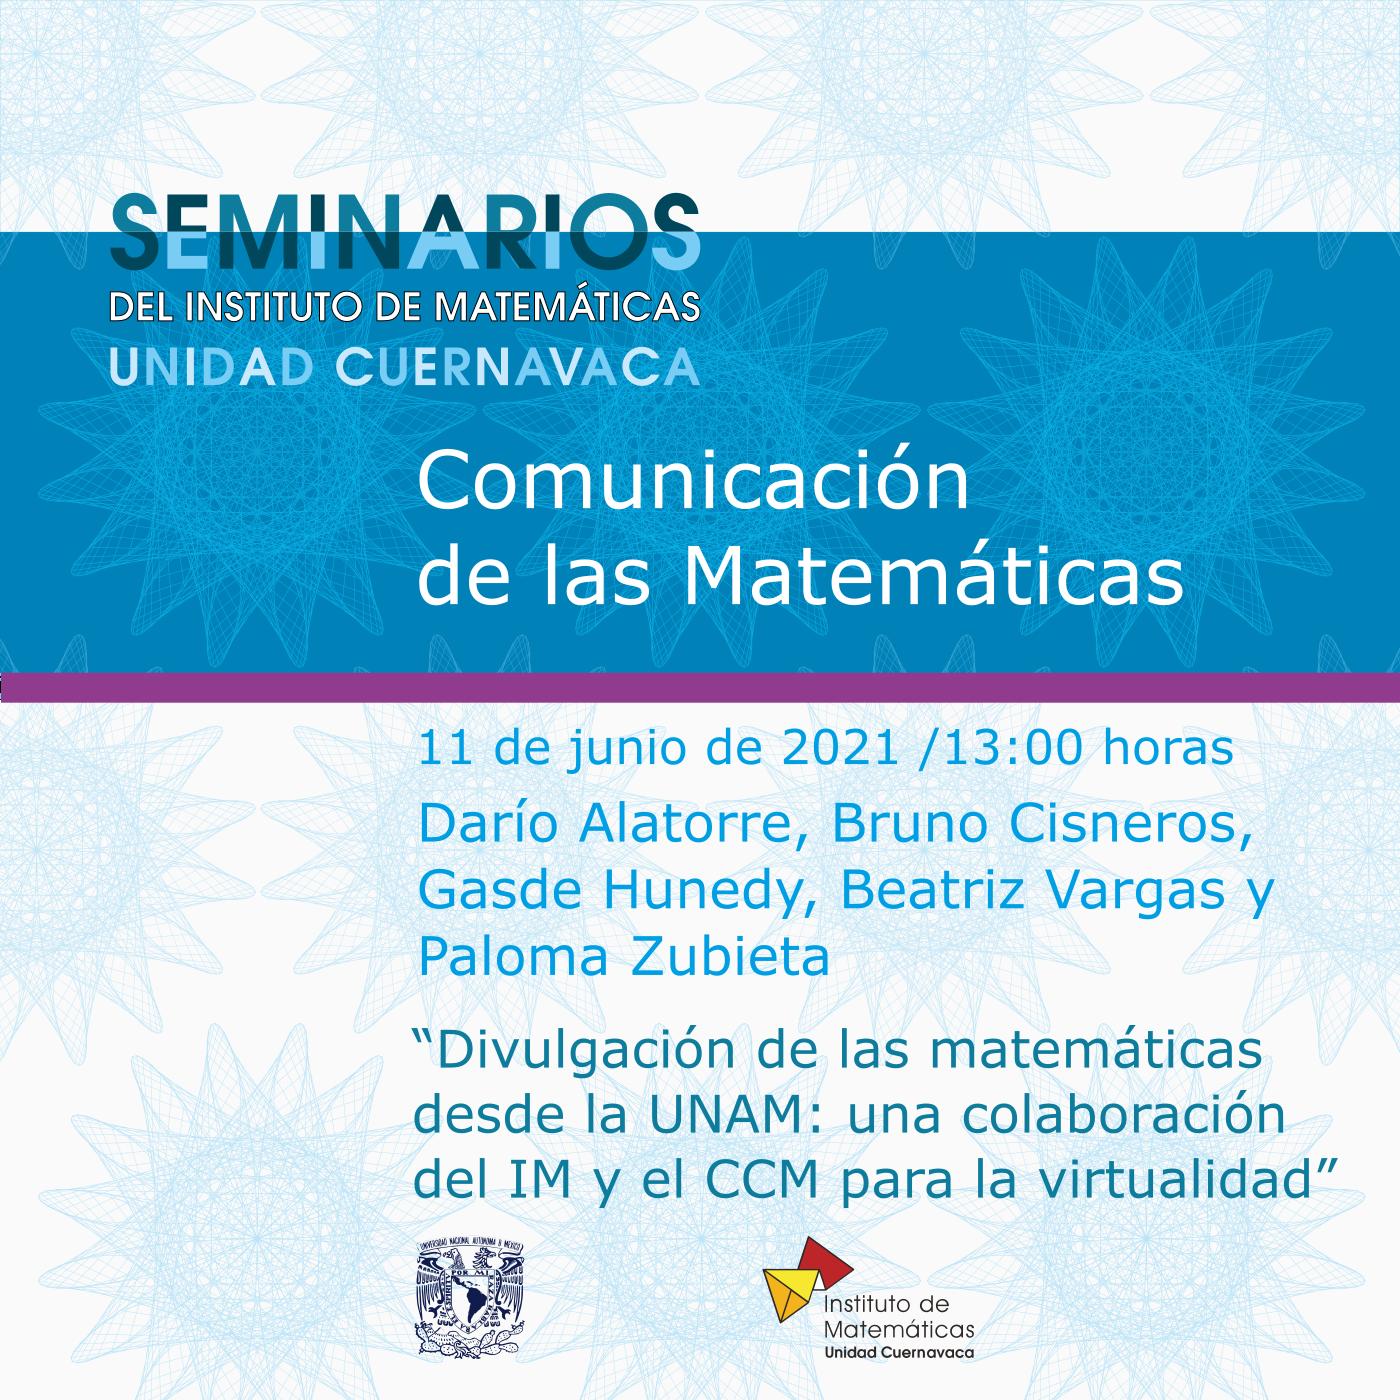 Seminario Comunicación de las Matemáticas - 11 de junio